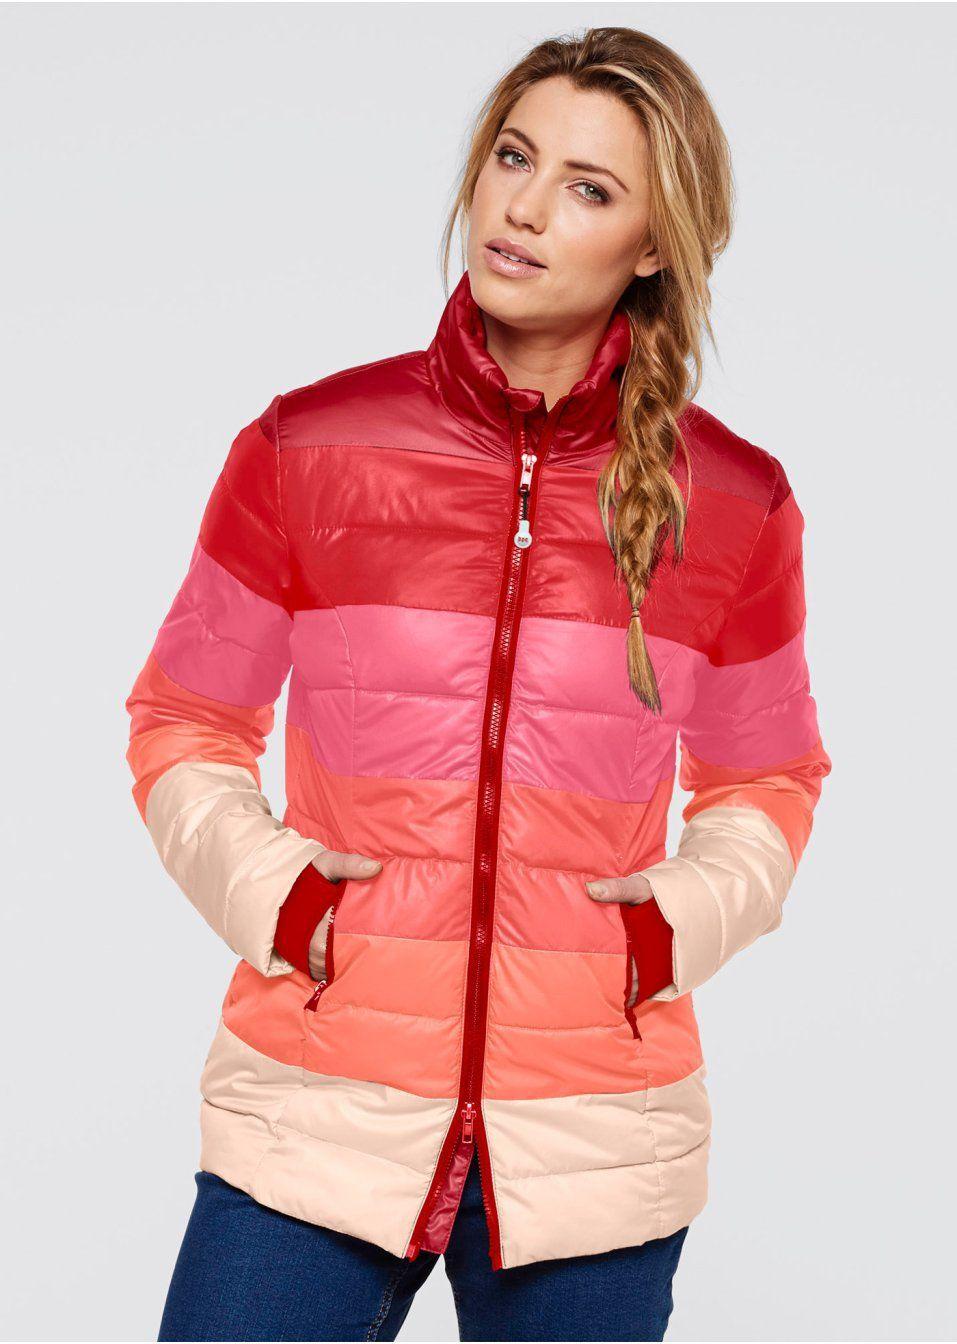 farebná inšpirácia Funkčná outdoorová bunda Ľahko vatovaná • 44.99 € • Bon prix